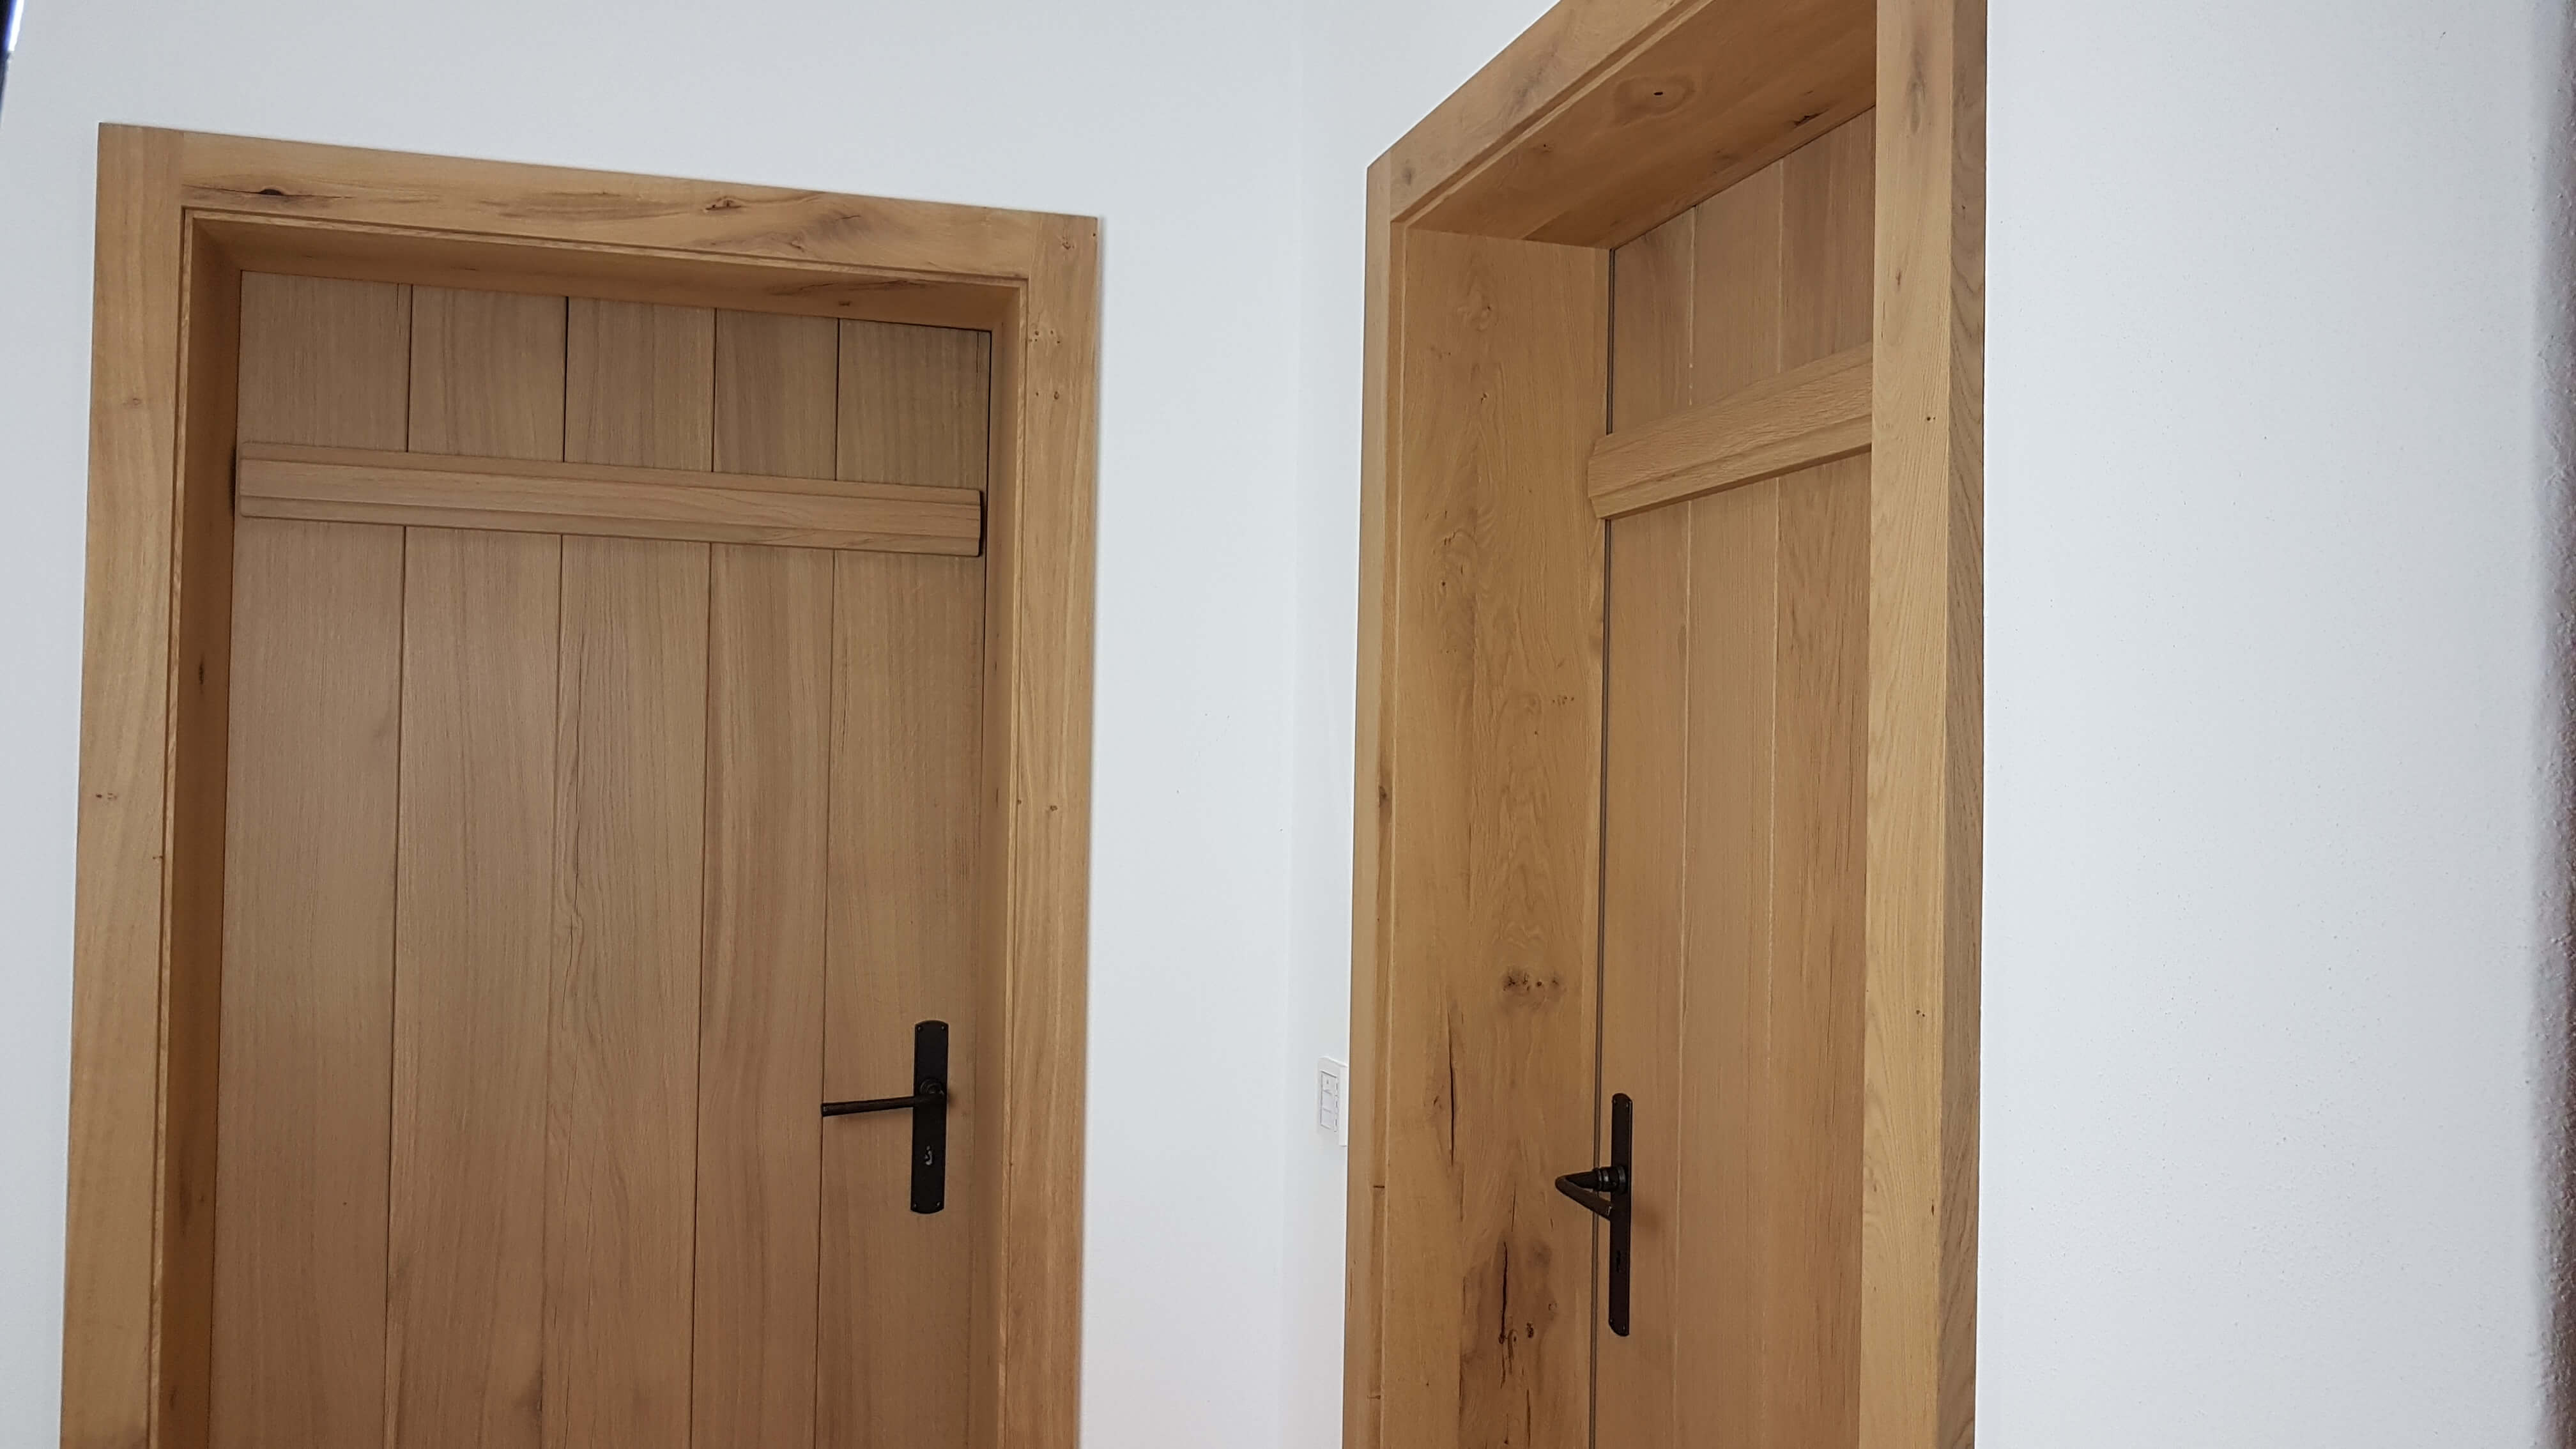 Zwei Zimmertüren Eiche Astig mit geschmiedeten Griffen